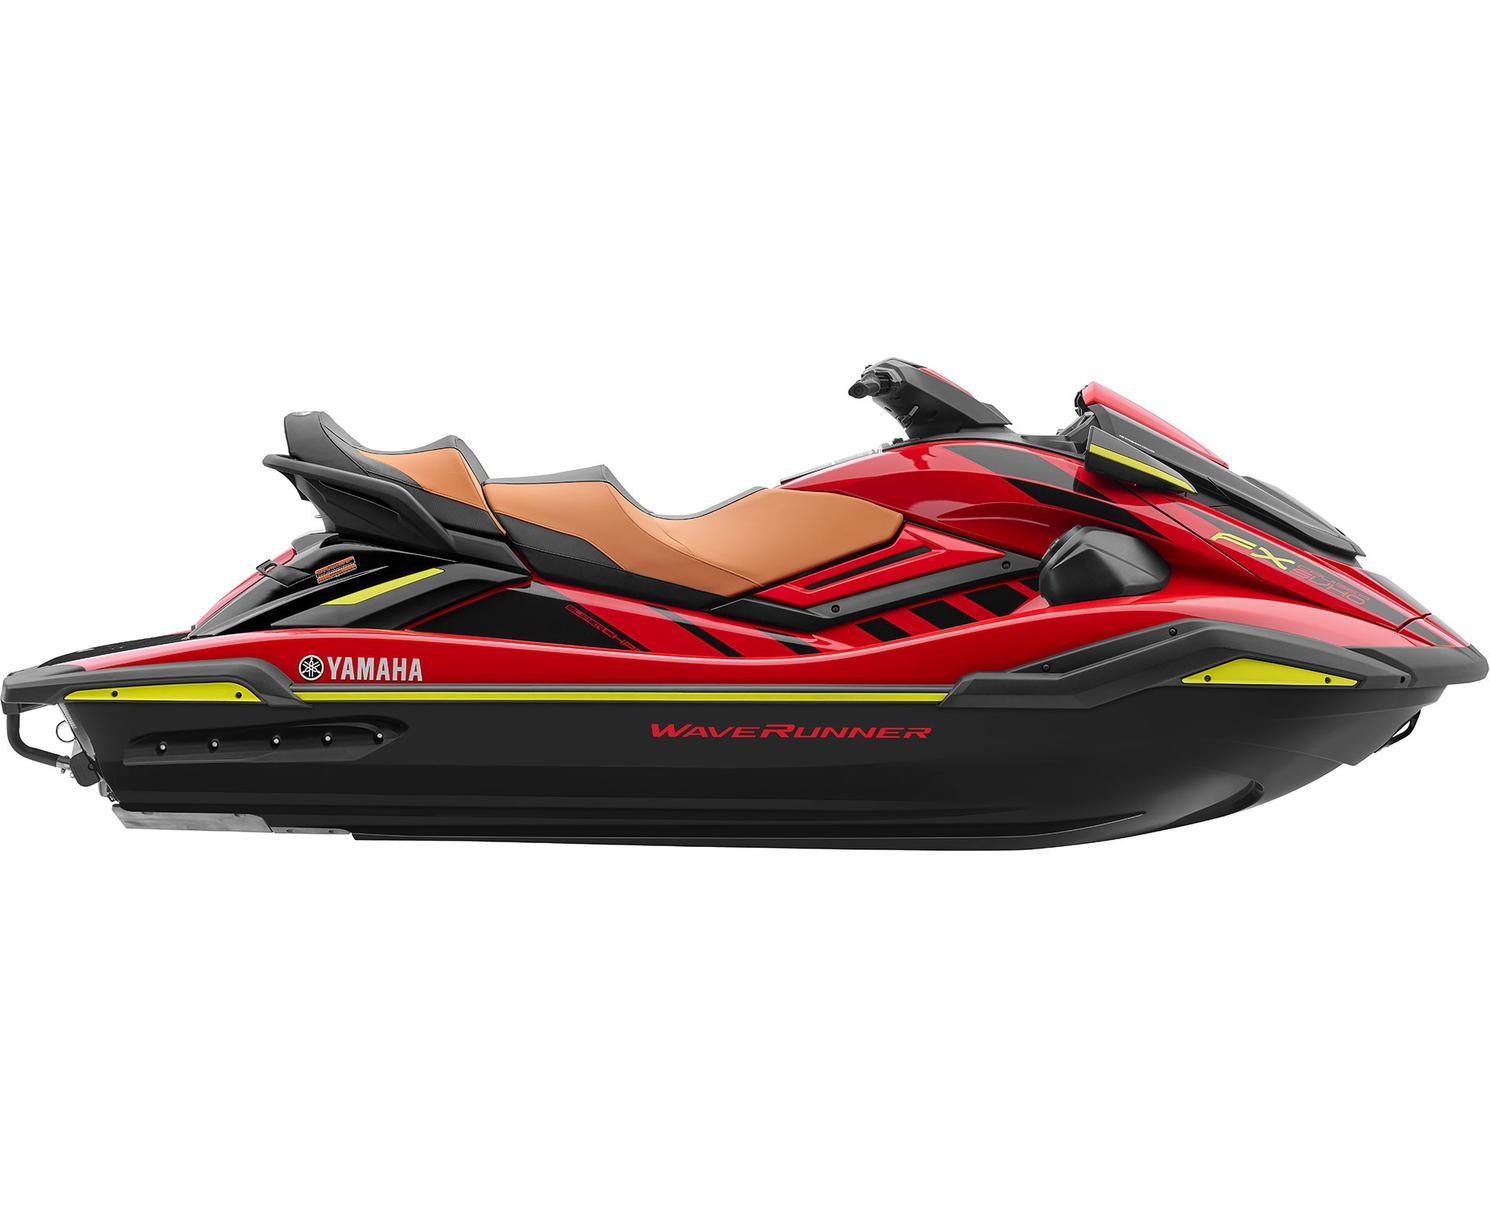 Yamaha FX Cruiser SVHO Rouge Flamme 2022